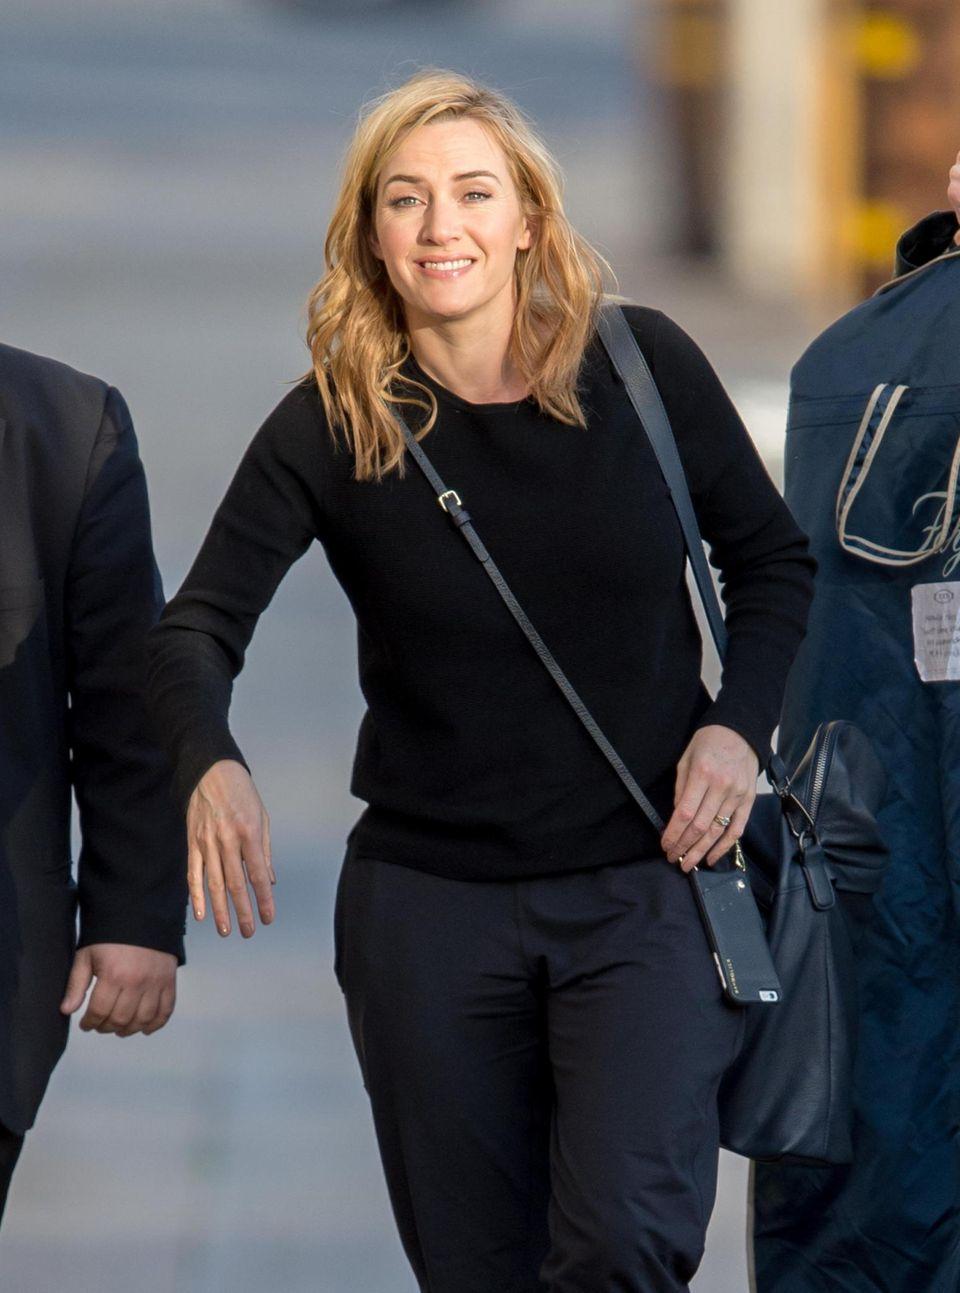 """1. Februar 2016: Kate Winslet ist auf dem Weg zur """"Jimmy Kimmel Live""""-Show in Los Angeles. Dort wird sie gleich aufgefordert werden sämtliche Namen ihrer Filmrollen aufzuzählen, was sie mit Bravour meistern wird."""